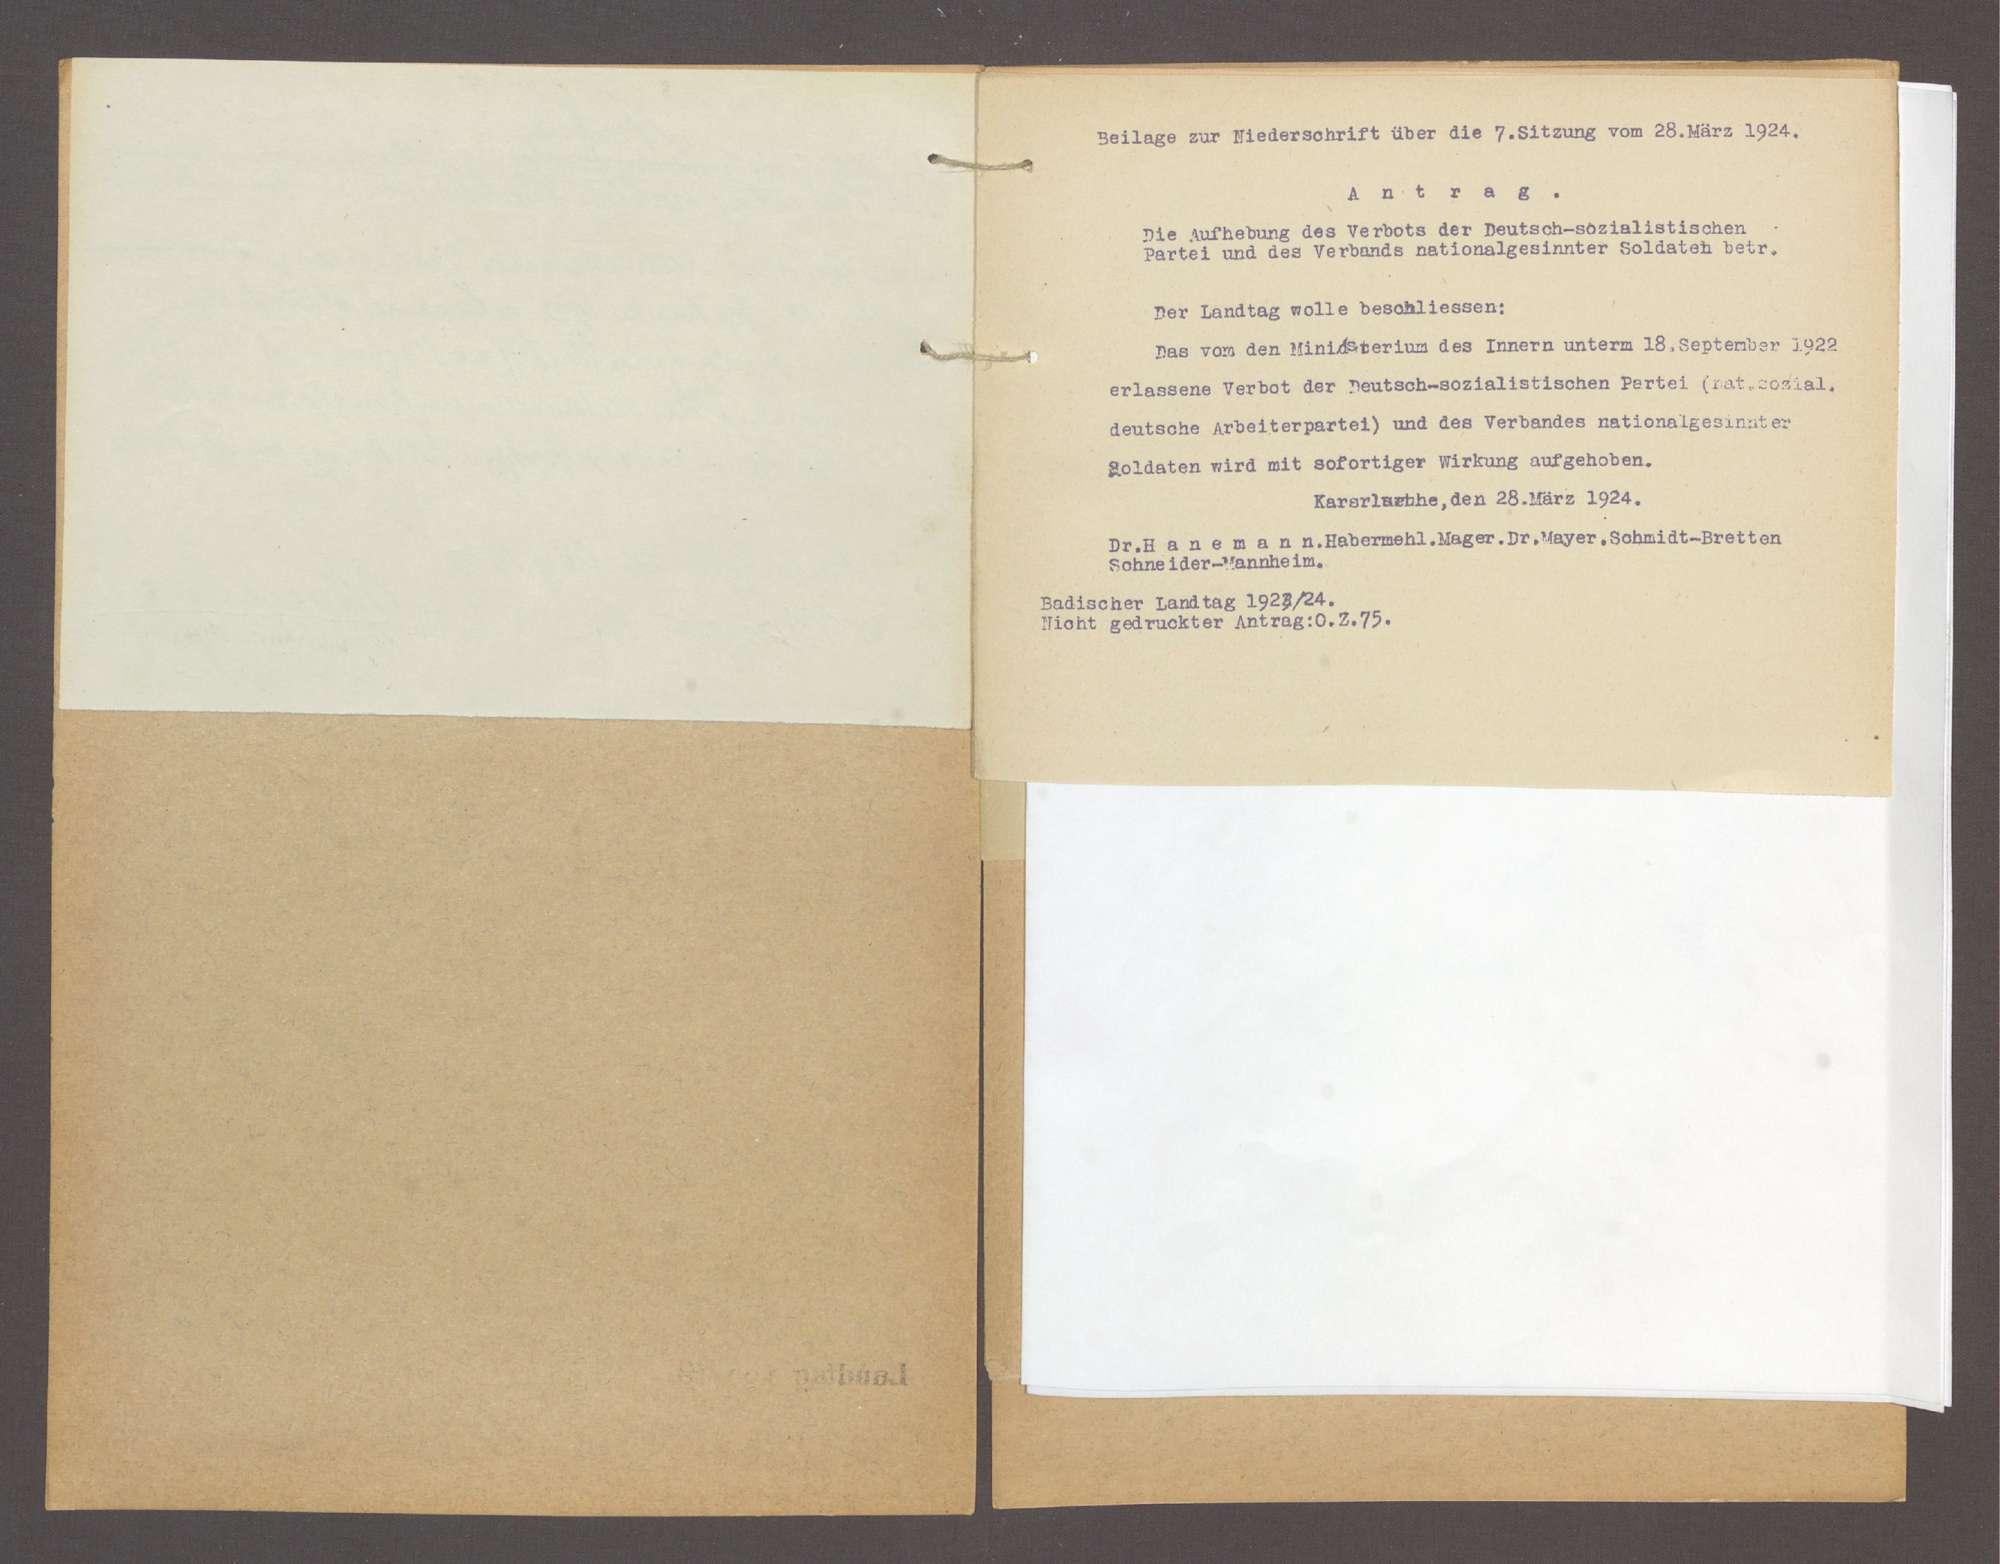 Antrag der Abg. Dr. Hanemann und Gen., die Aufhebung des Verbots der deutschsozialistischen Partei und des Verbands national gesinnter Soldaten betr. -Nicht gedr. Antrag. 75-, Bild 3